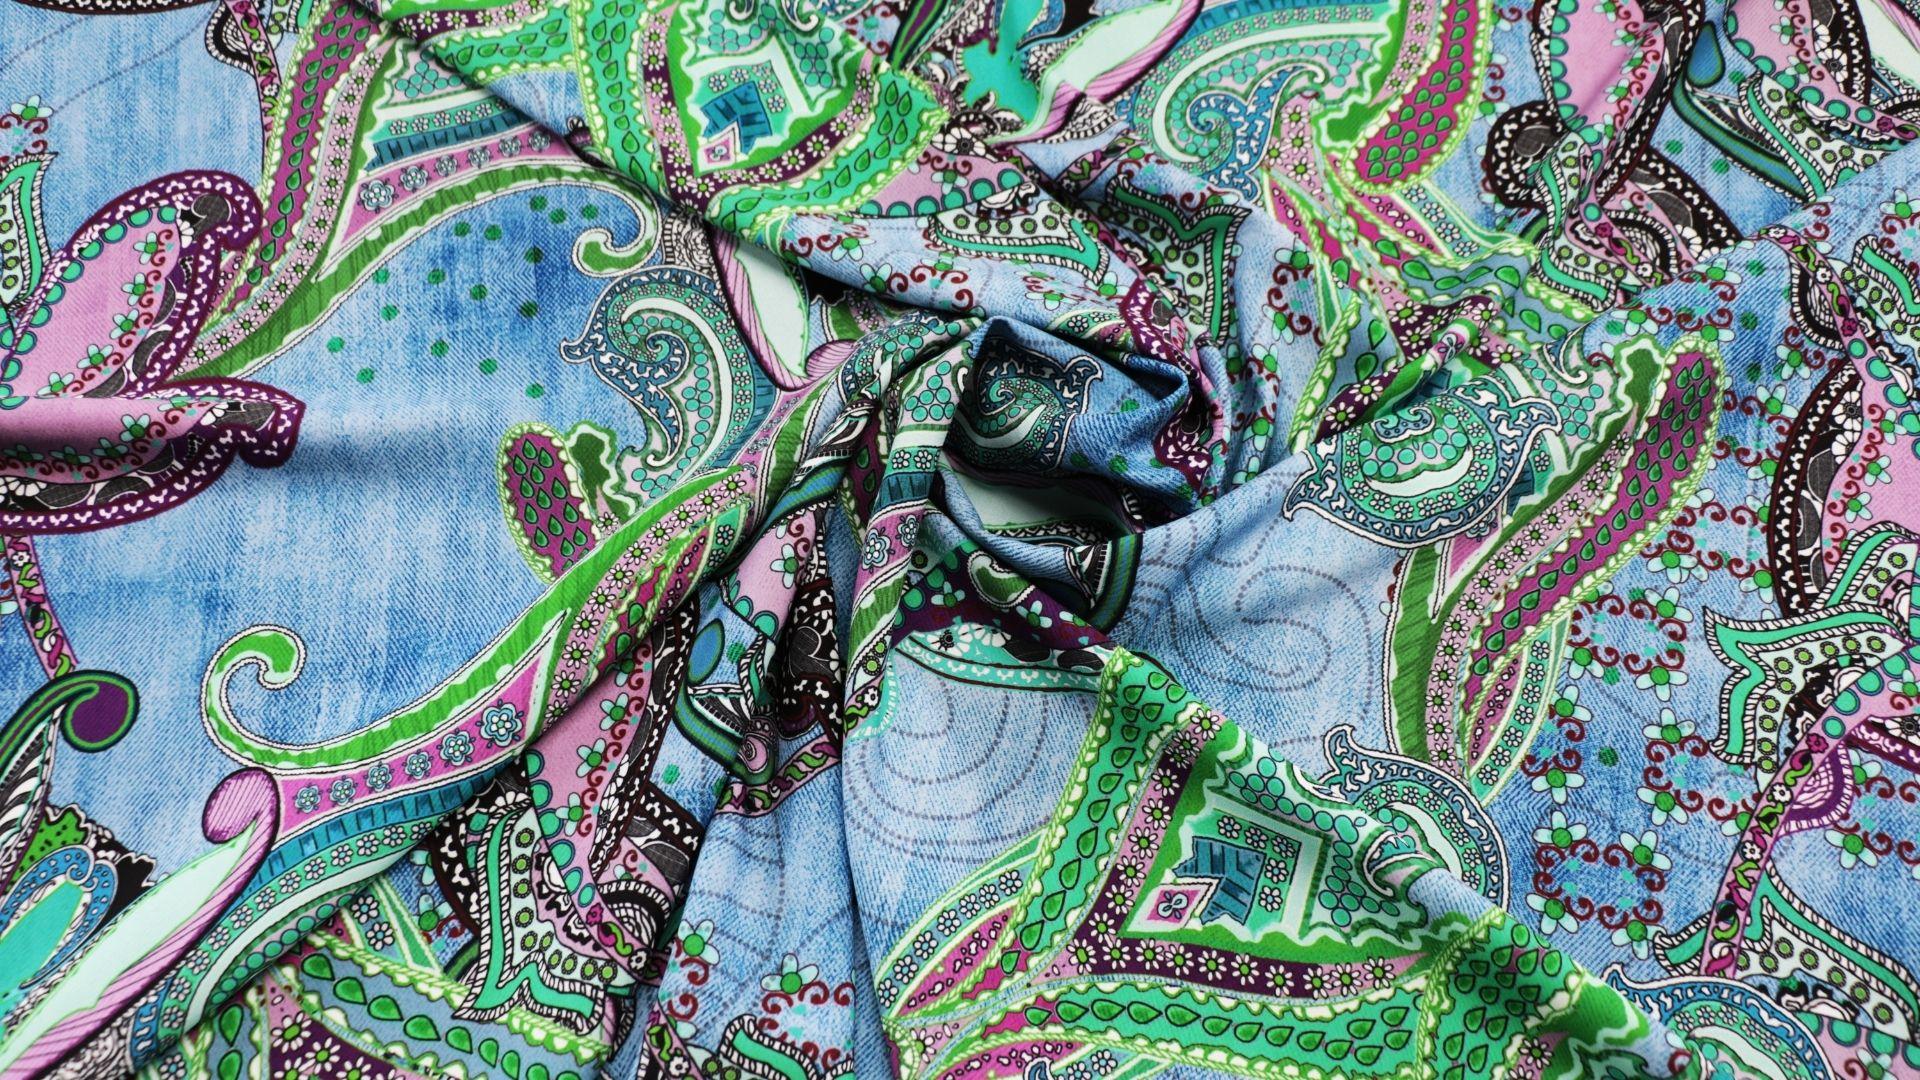 il particolare del tessuto victoria dis820, appartenente alla categoria stampe-poliestere-fibremiste, di Leadford & Logan